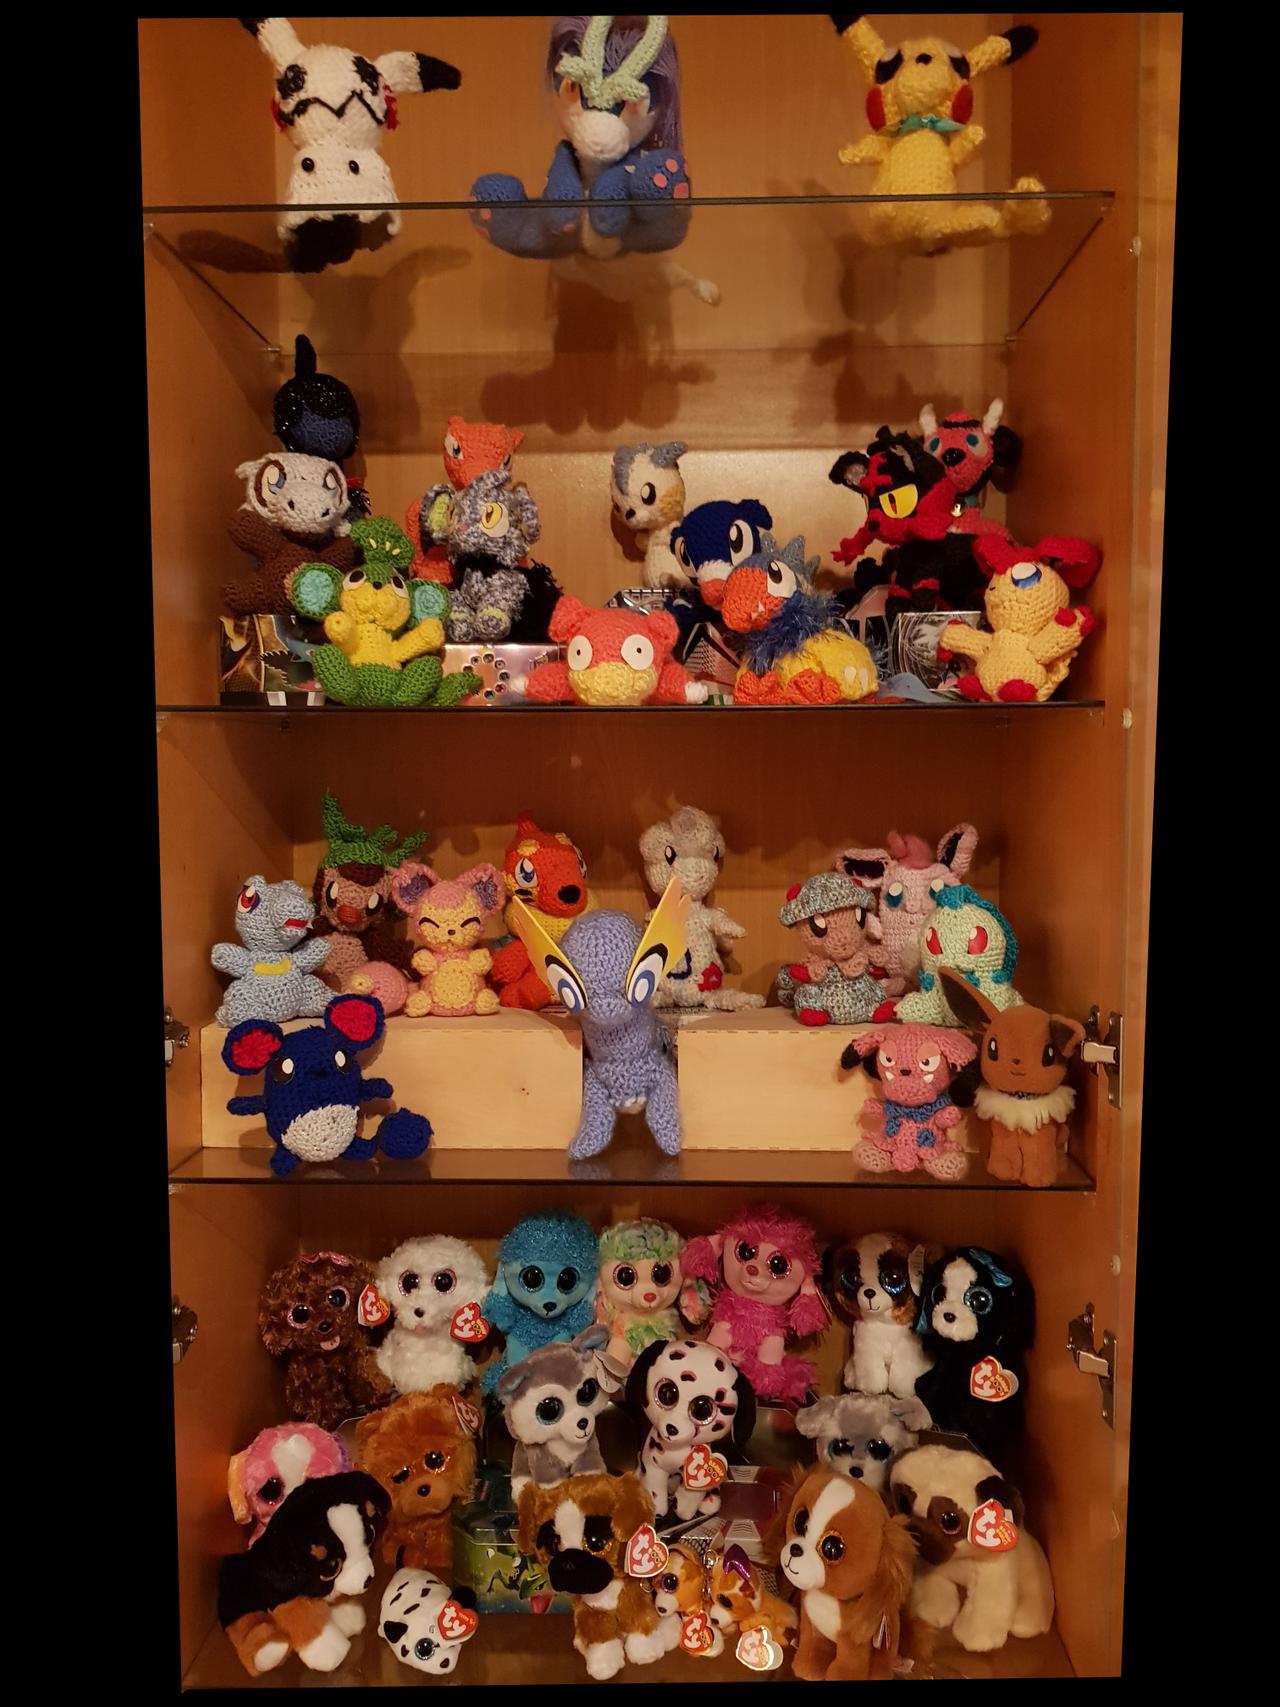 Shelf updage by JB-Pawstep